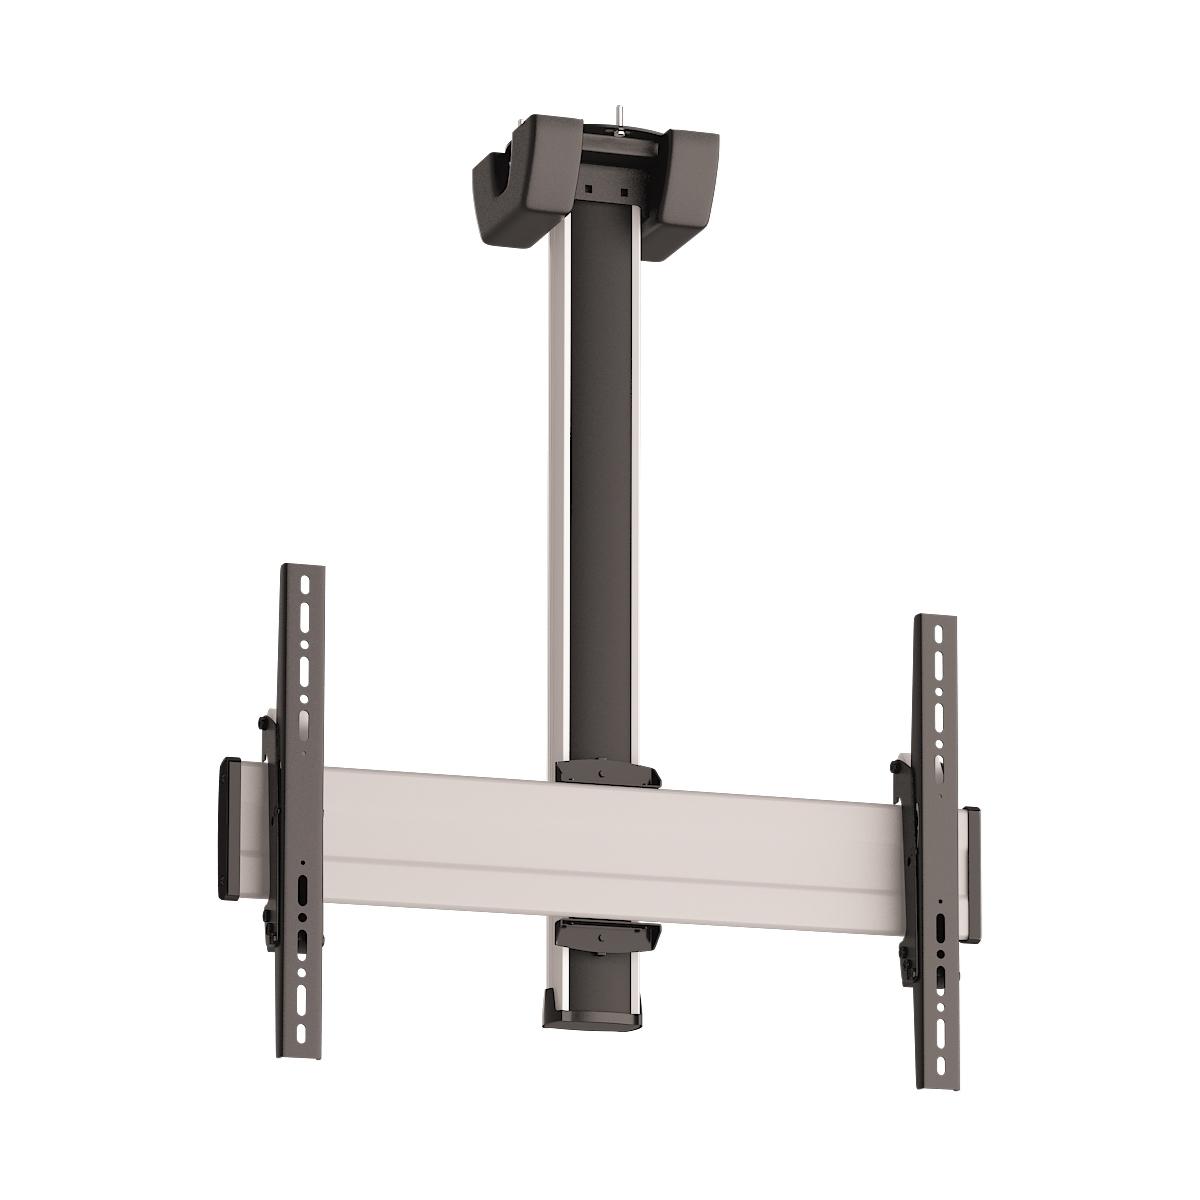 Vogels CT0864 Silver - Комплект потолочного поворотного крепления для дисплея диагональю 39–65'', длина штанги 800 мм, макс. нагрузка 80 кг